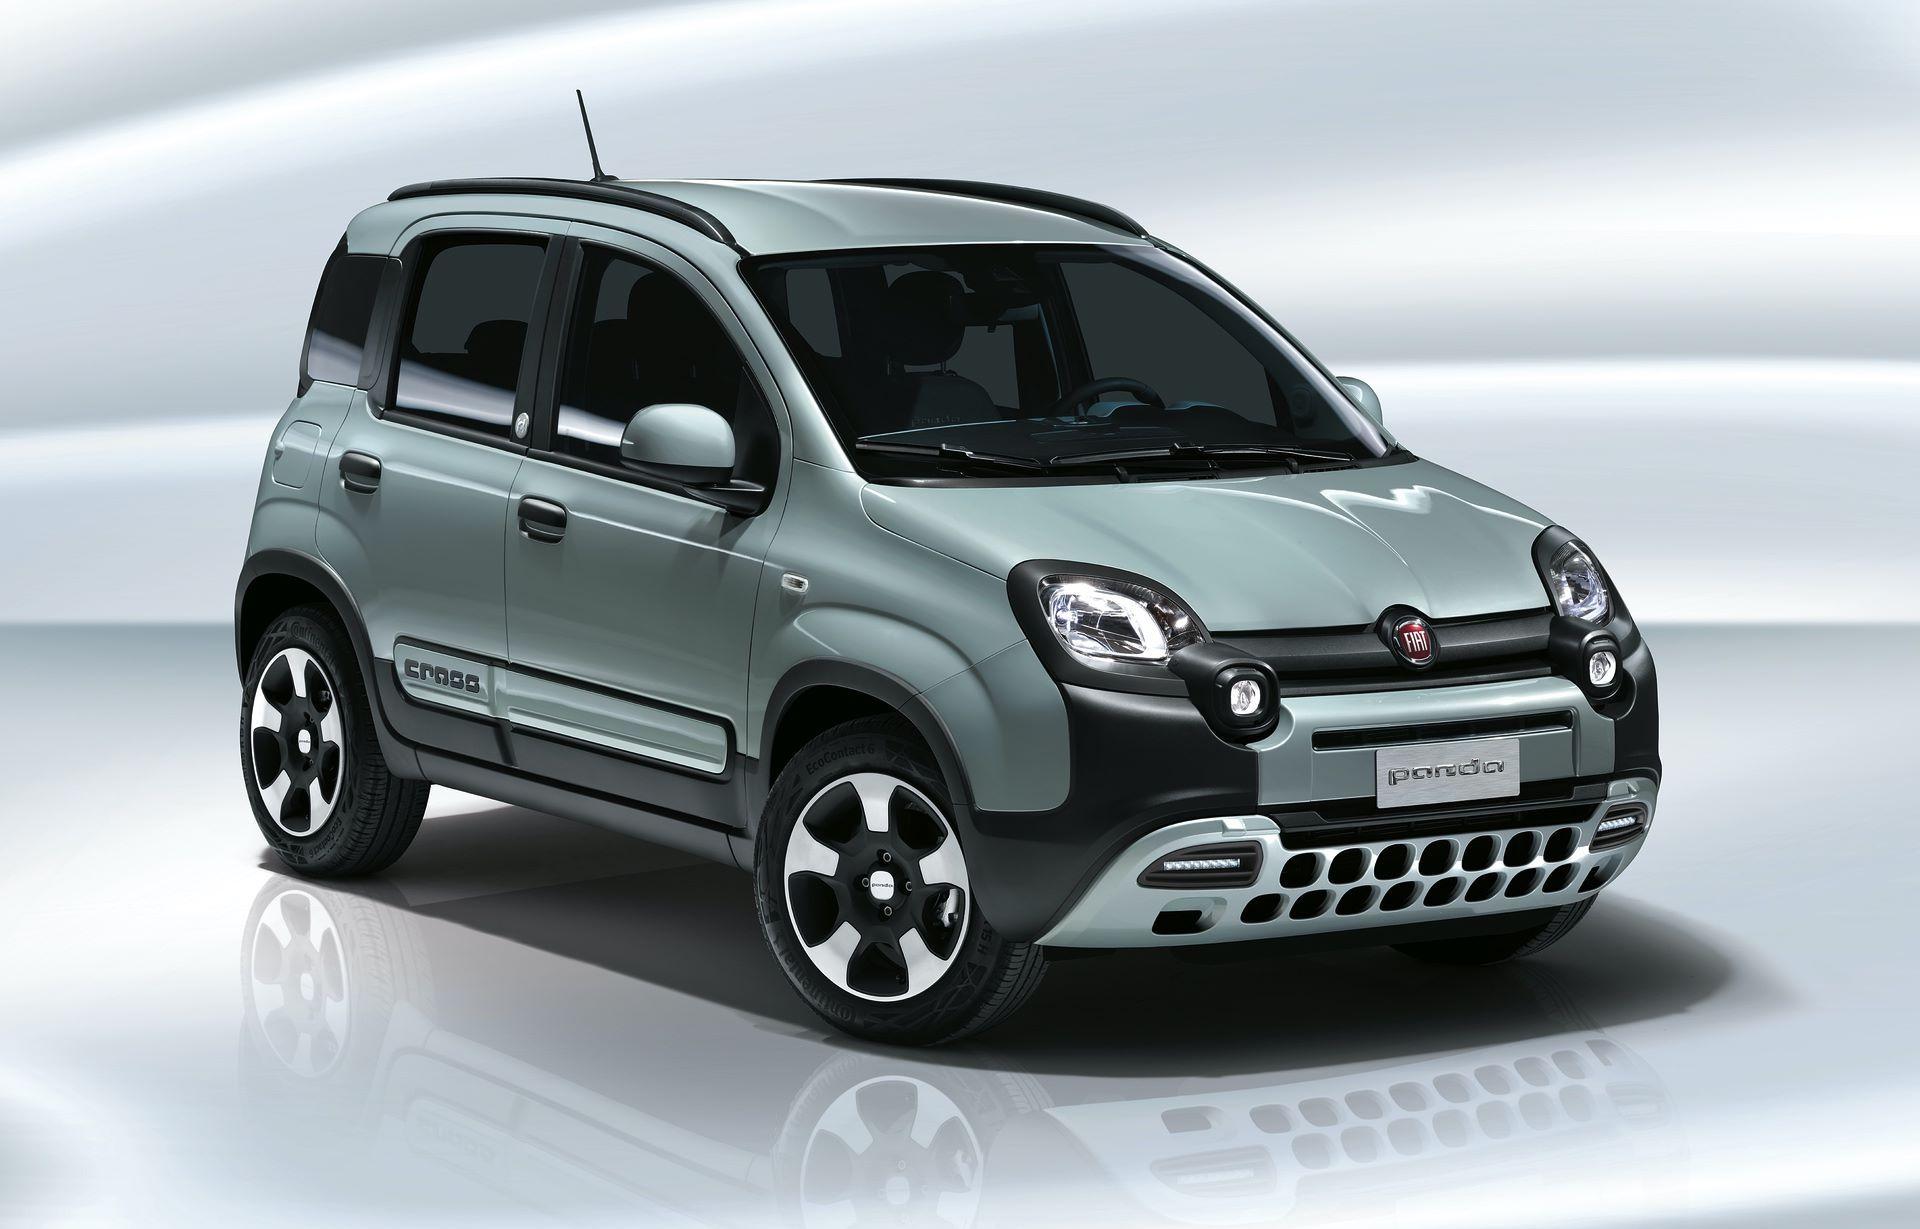 Fiat_Panda-Hybrid_01-3